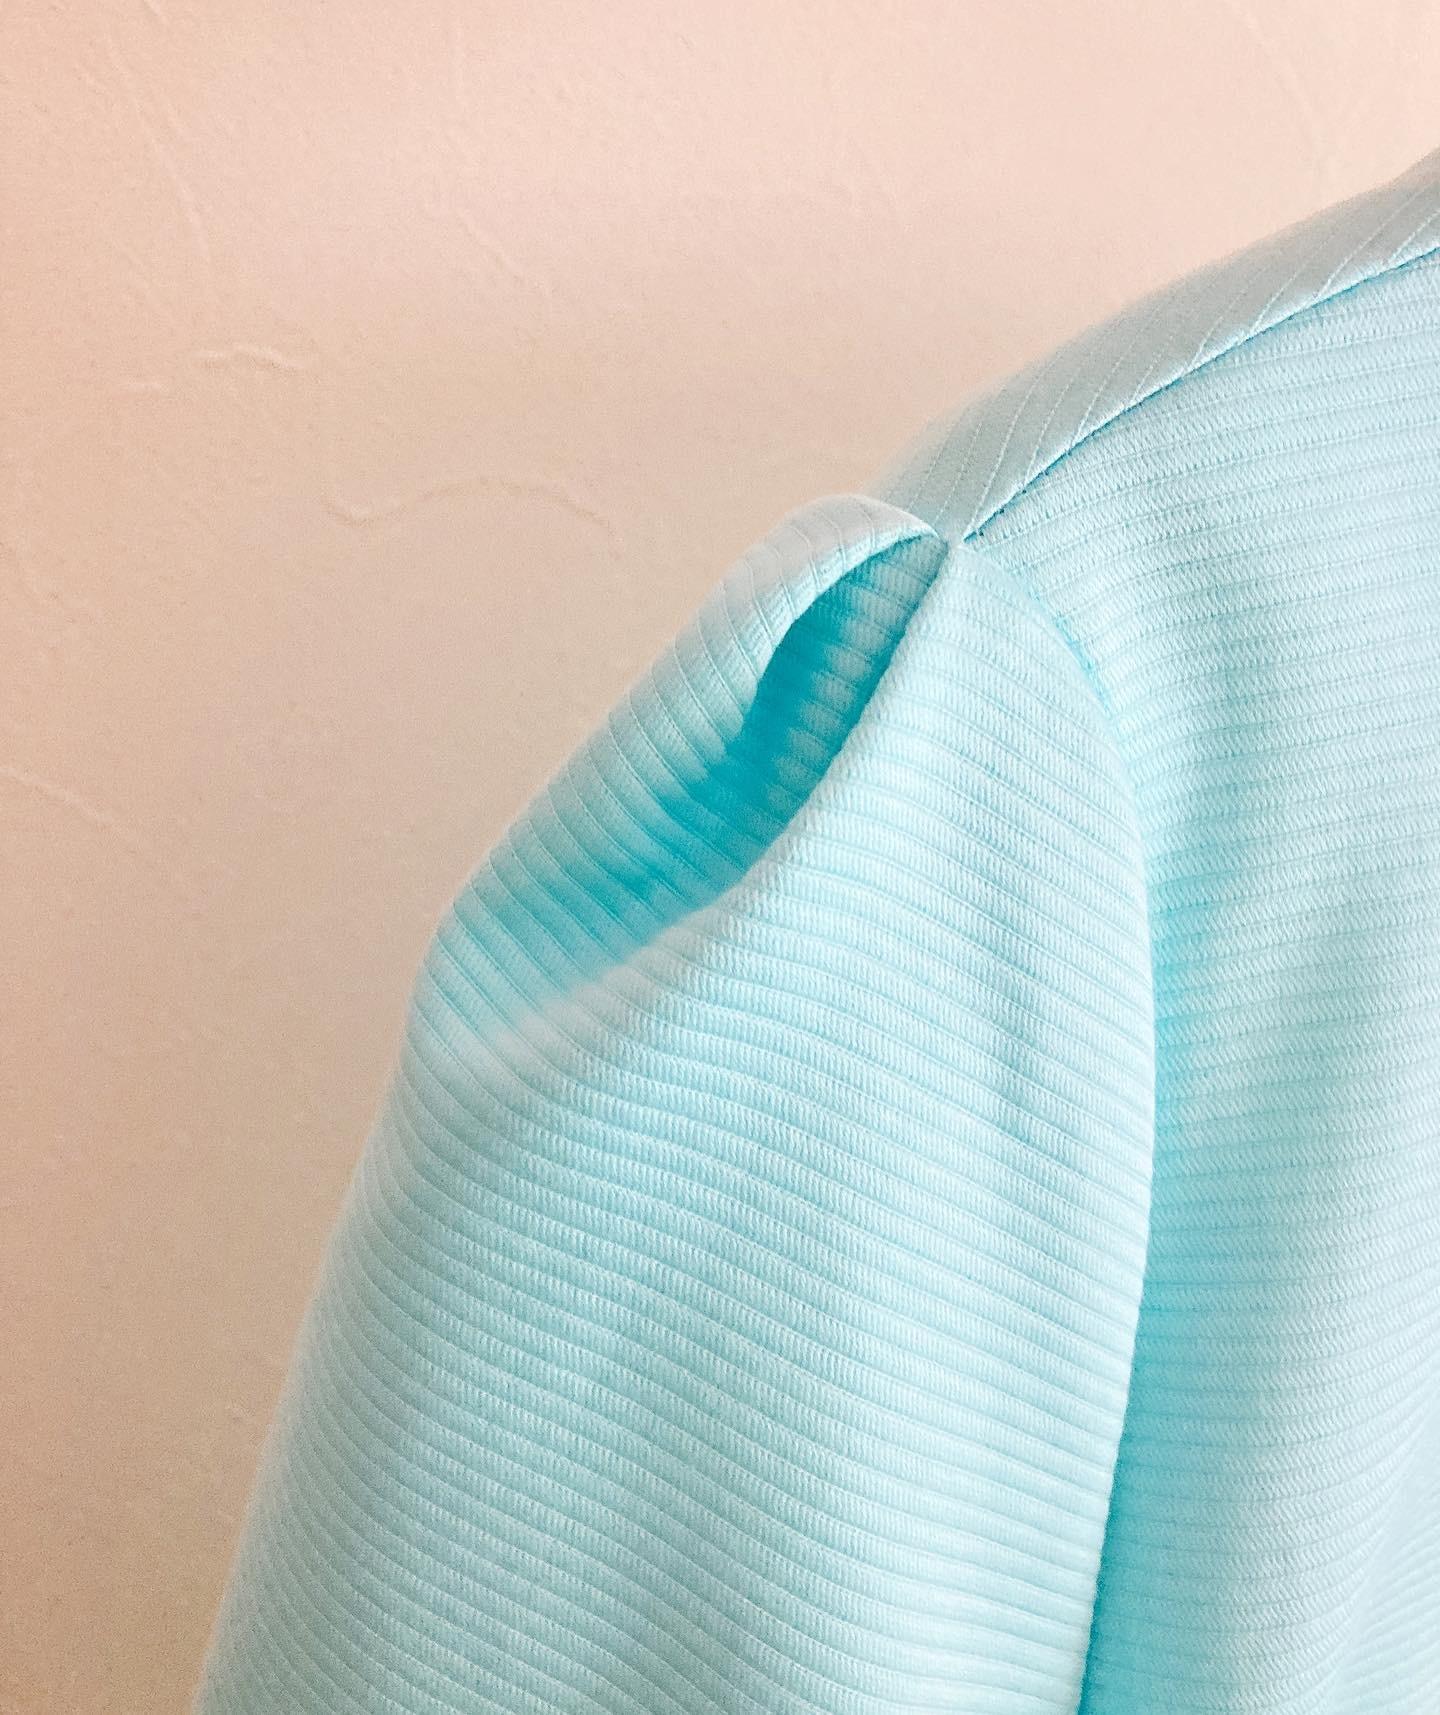 袖にタックの入ったウエスト切り替えワンピース (フルオーダー)_b0199696_13453769.jpg